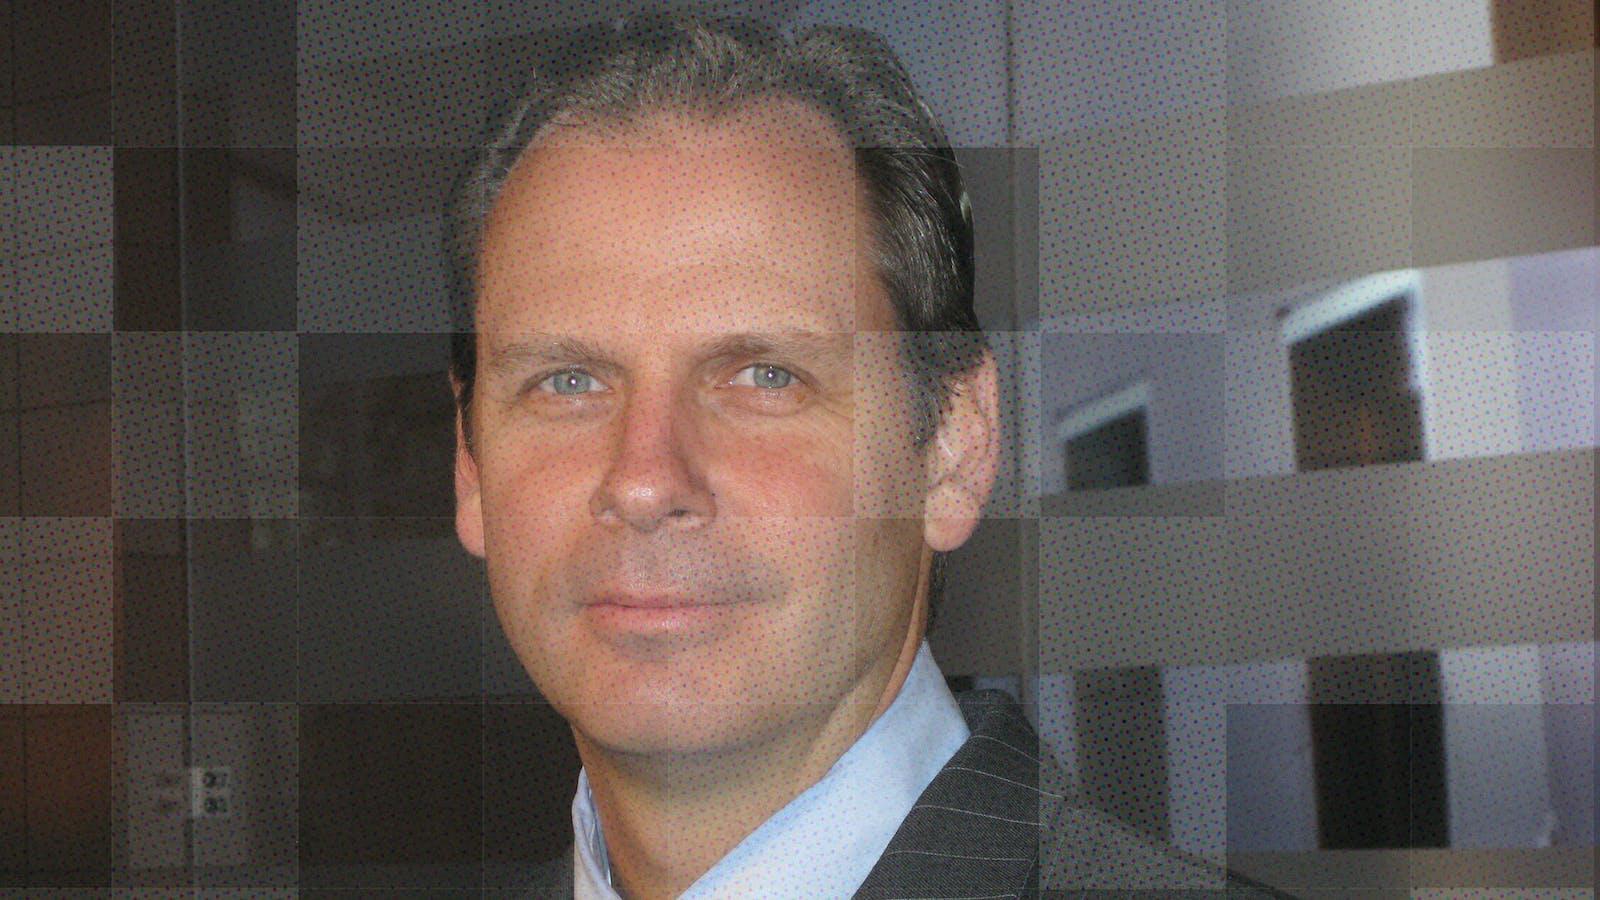 Martin Schroeter. Photo courtesy of IBM